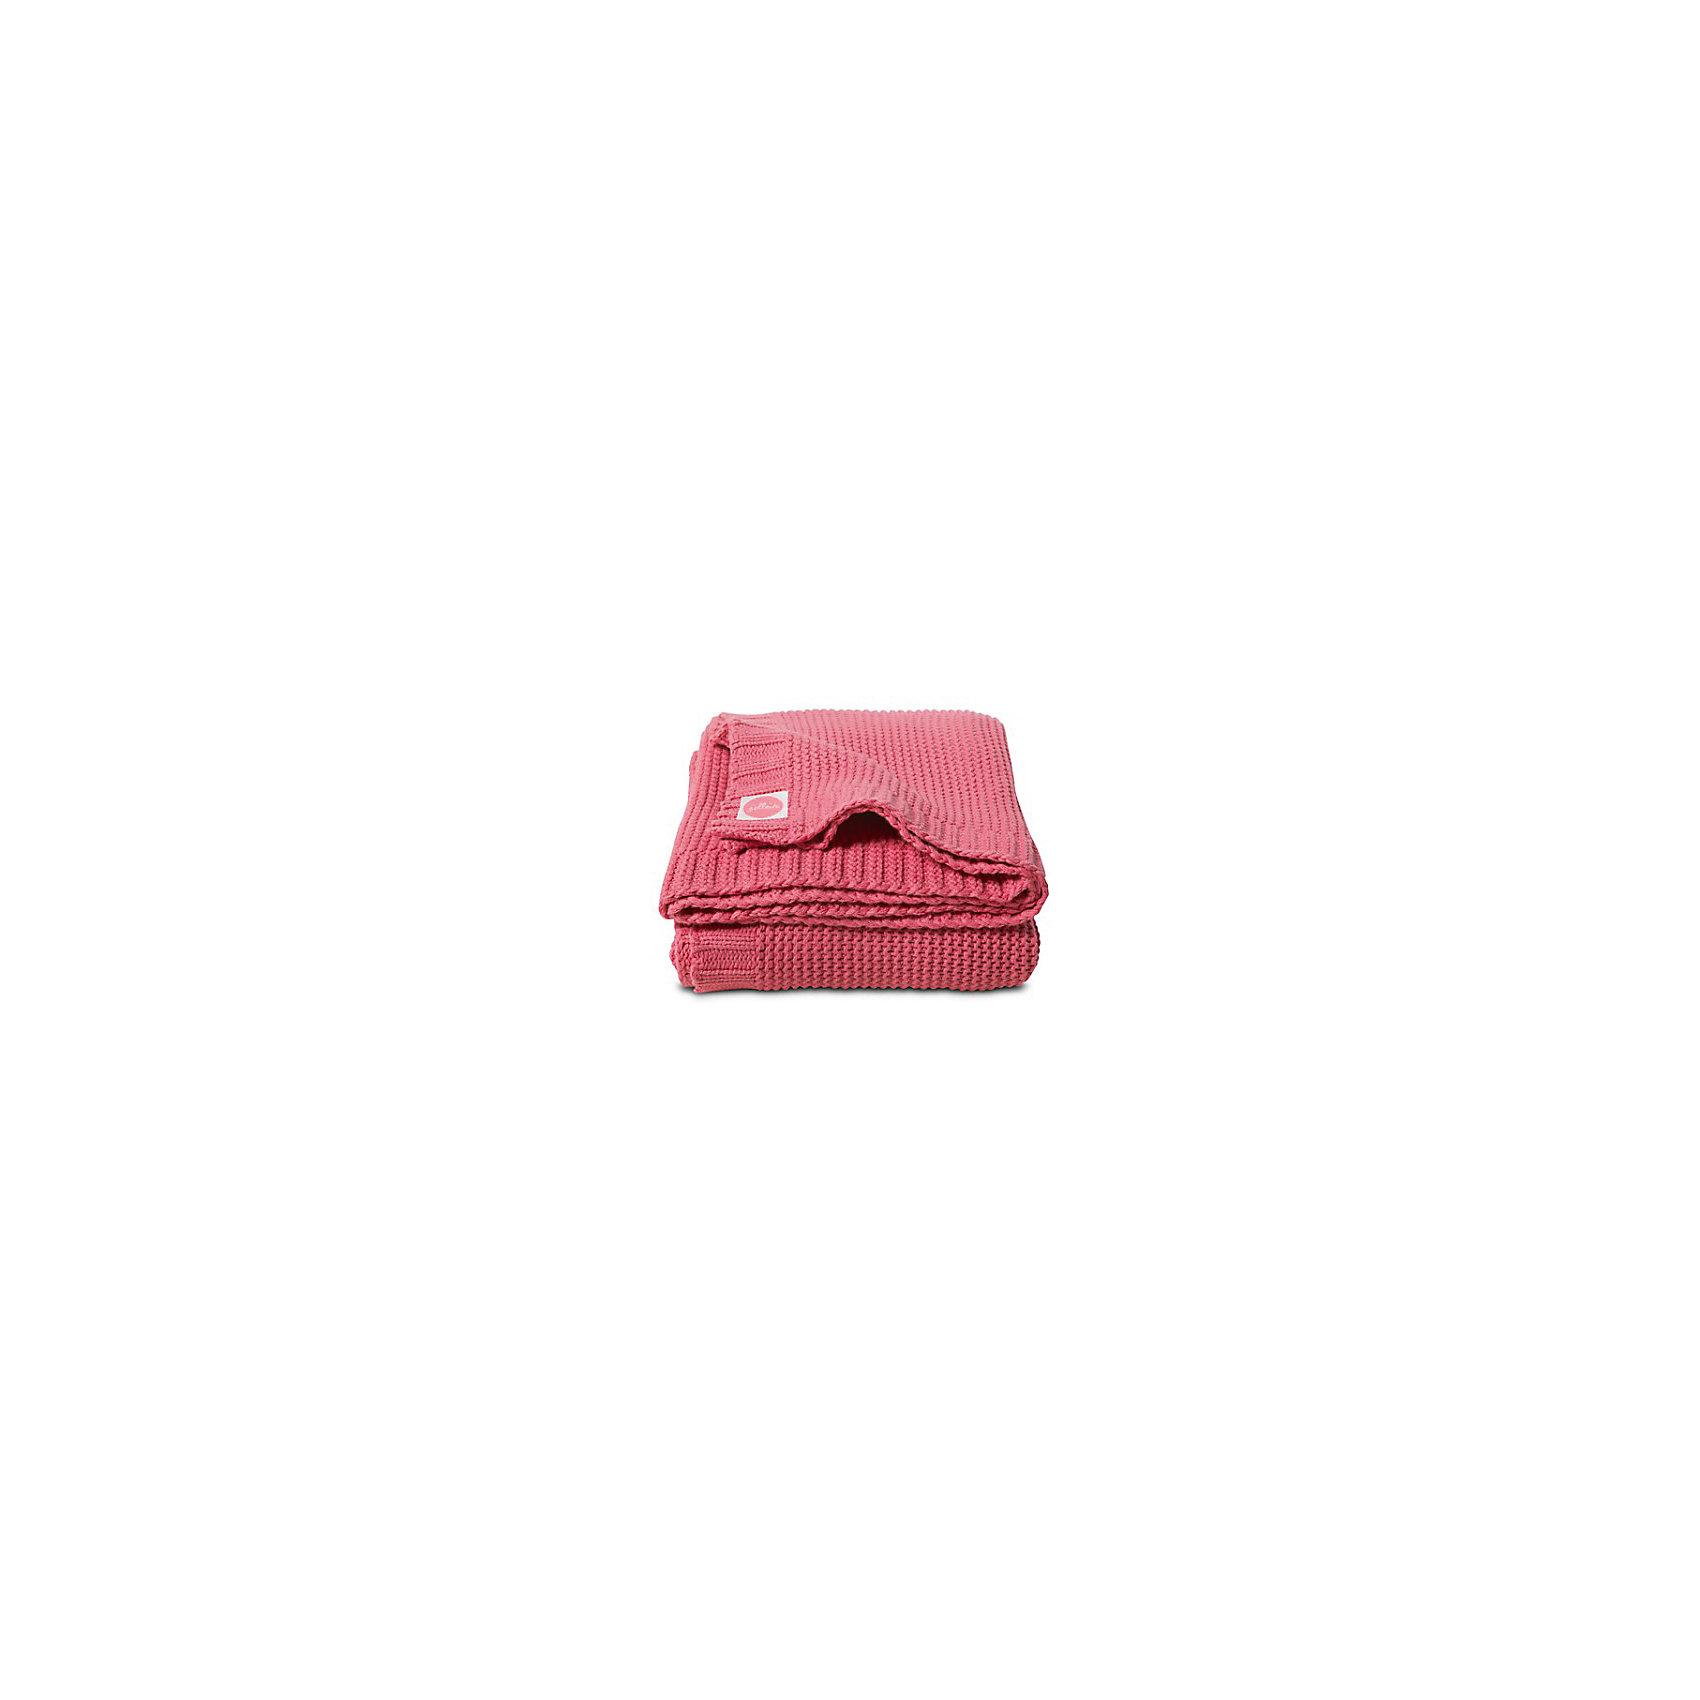 Вязаный плед Chunky Knit 100х150 см, Jollein, RasberryОдеяла, пледы<br>Характеристики:<br><br>• Предназначение: для сна<br>• Пол: для девочки<br>• Сезон: круглый год<br>• Коллекция: Heavy knit (Крупная вязка)<br>• Степень утепления: без утепления<br>• Температурный режим: от +10? С<br>• Цвет: малиновый<br>• Тематика рисунка: без рисунка<br>• Материал: 50% хлопок, 50% акрил<br>• Размер (Ш*Д): 100*150 см<br>• Вес: 650 г<br>• Особенности ухода: машинная или ручная стирка при температуре не более 60 градусов<br><br>Вязаный плед Chunky Knit 100х150 см, Jollein, Rasberry от торговой марки Жолляйн, которая является признанным лидером среди аналогичных брендов, выпускающих детское постельное белье и текстиль для новорожденных и детей. Продукция этого торгового бренда отличается высоким качеством и дизайнерским стилем. <br><br>Плед выполнен из вязаного полотна, выполненного из сочетания хлопка и акрила, что обеспечивает изделию высокие гигиенические, гигроскопические и гипоаллергенные качества. Изделие отличается повышенными тепловыми качествами, за счет использованной при изготовлении технологии двойного пленения. Благодаря акрилу плед хорошо сохраняет цвет и форму. Имеет легкий вес и компатный размер в сложенном виде, при этом не сминается. <br><br>Плед выполнен в брендовом дизайне: полотно яркого малинового цвета, связанное крупным платочным узором. Вязаный плед Chunky Knit 100х150 см, Jollein, Rasberry – это плед, который подарит тепло, уют и роскошь классического стиля!<br><br>Вязаный плед Chunky Knit 100х150 см, Jollein, Rasberry можно купить в нашем интернет-магазине.<br><br>Ширина мм: 310<br>Глубина мм: 270<br>Высота мм: 60<br>Вес г: 876<br>Возраст от месяцев: 0<br>Возраст до месяцев: 36<br>Пол: Женский<br>Возраст: Детский<br>SKU: 5367171